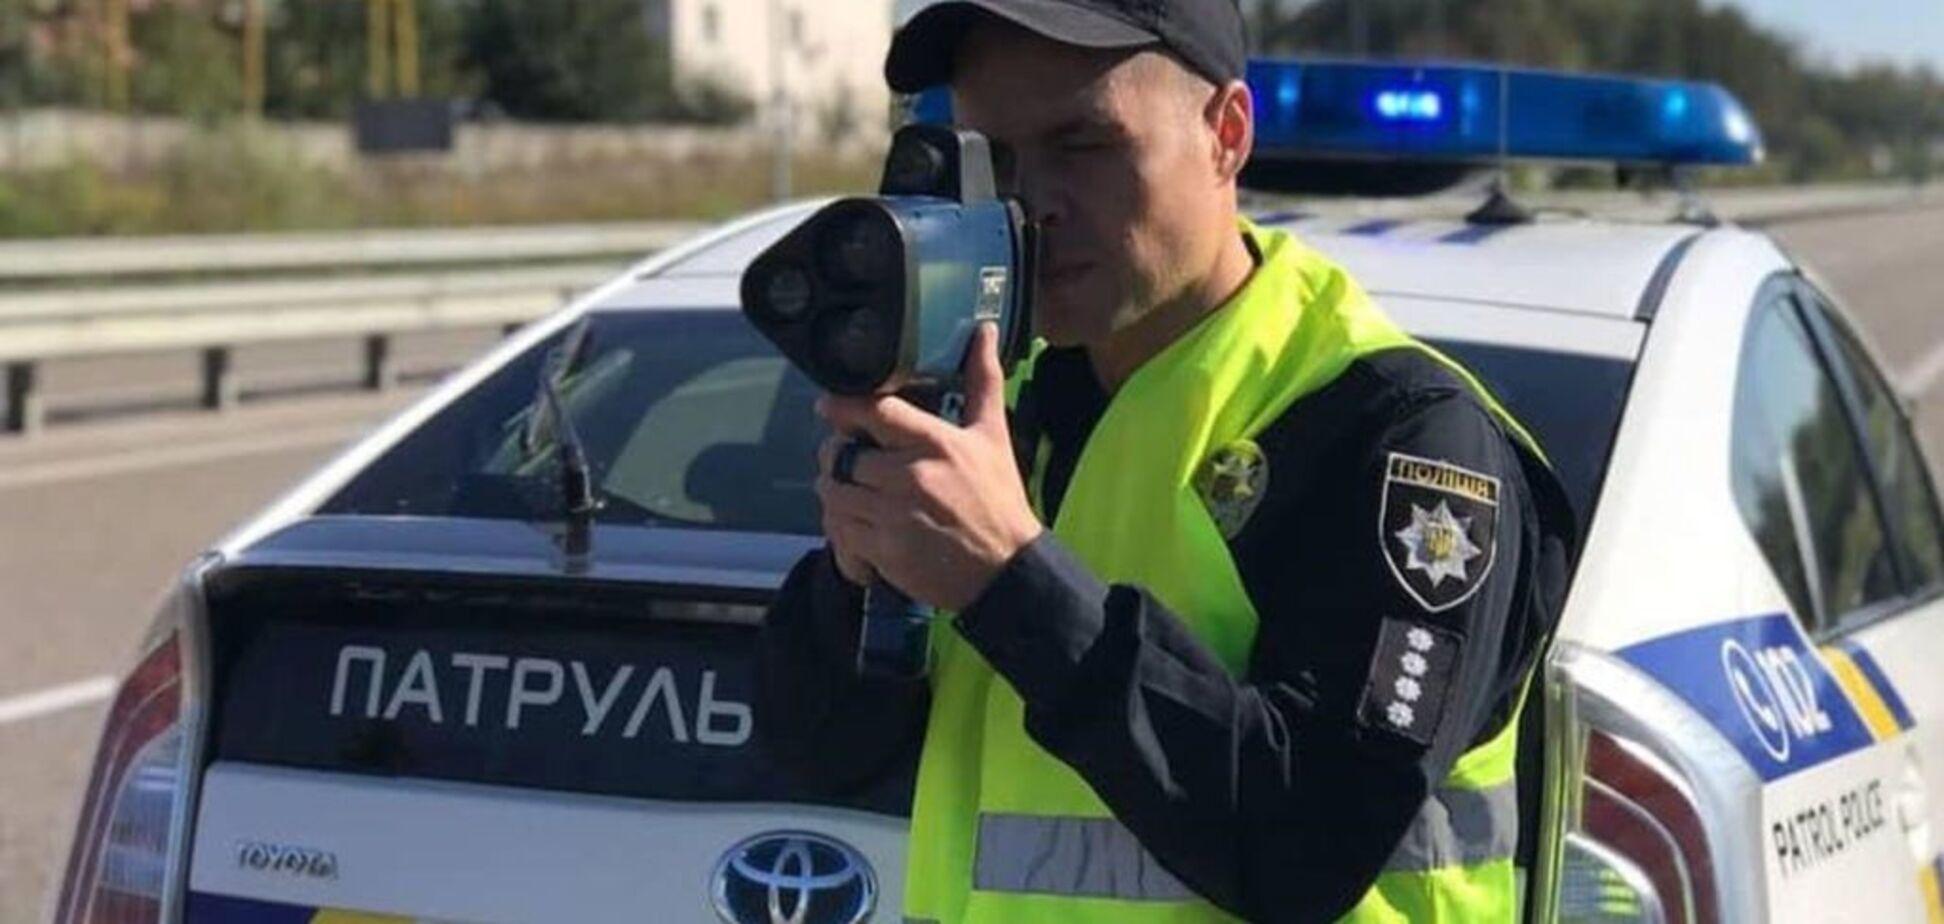 Радары на дорогах Украины: рассекречены все участки видеофиксации. Карта